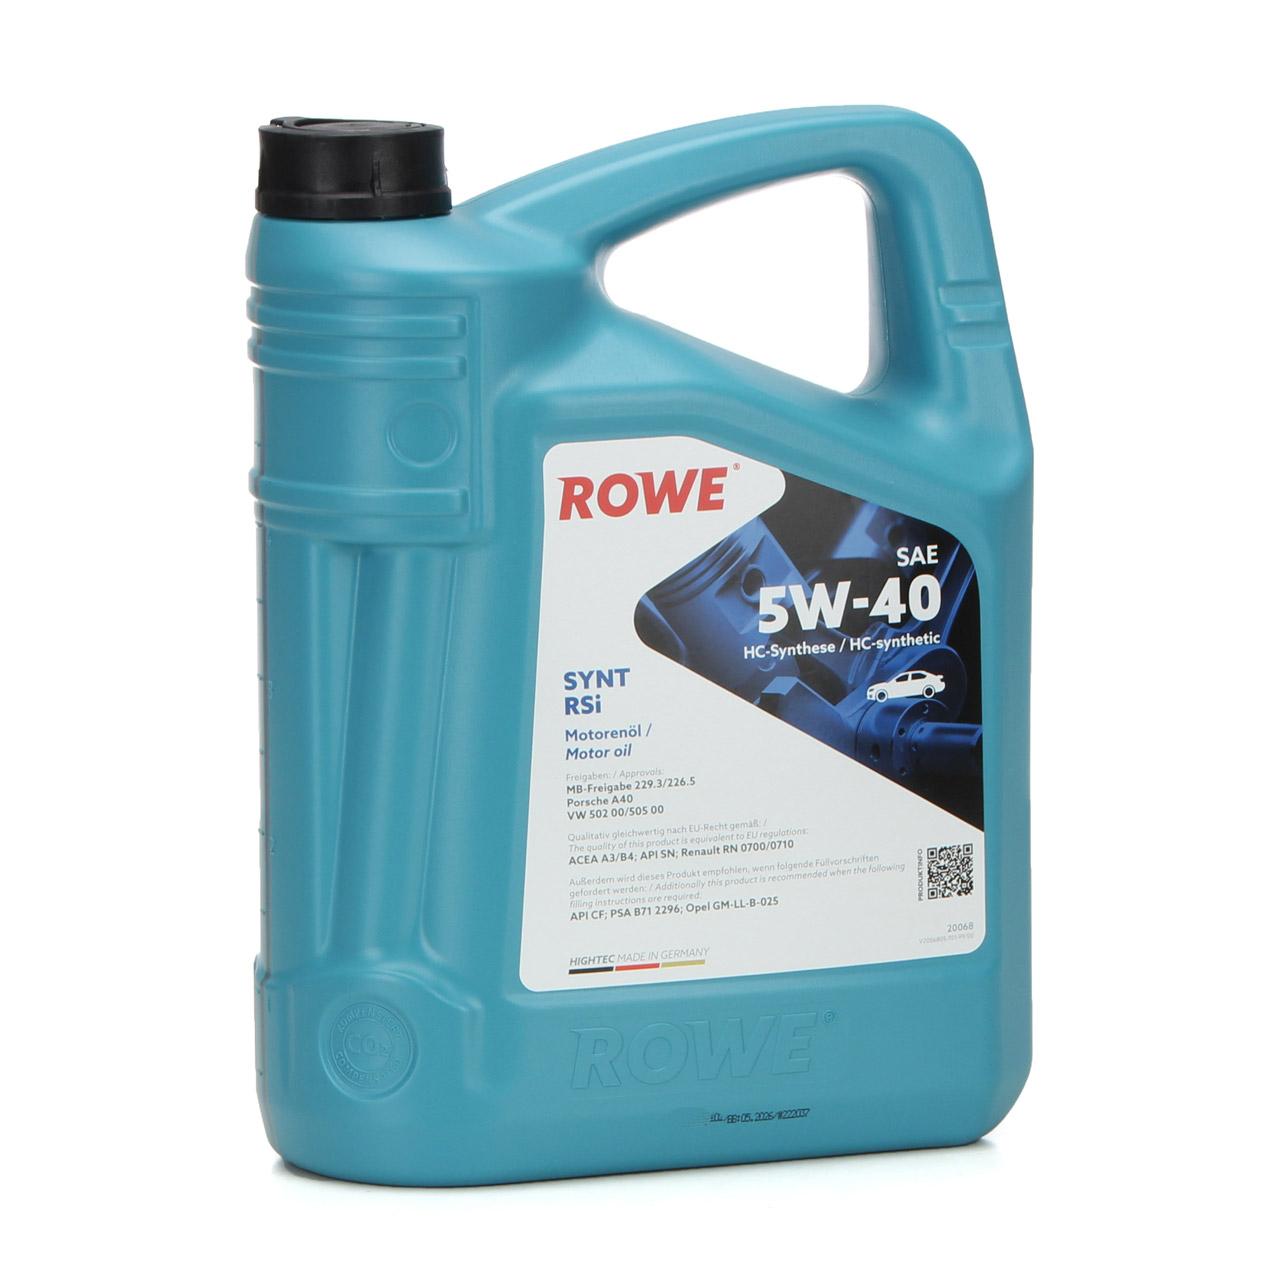 5L 5 Liter ROWE Motoröl Öl SYNT RSi 5W-40 5W40 MB 229.3/226.5 VW 502.00/505.00